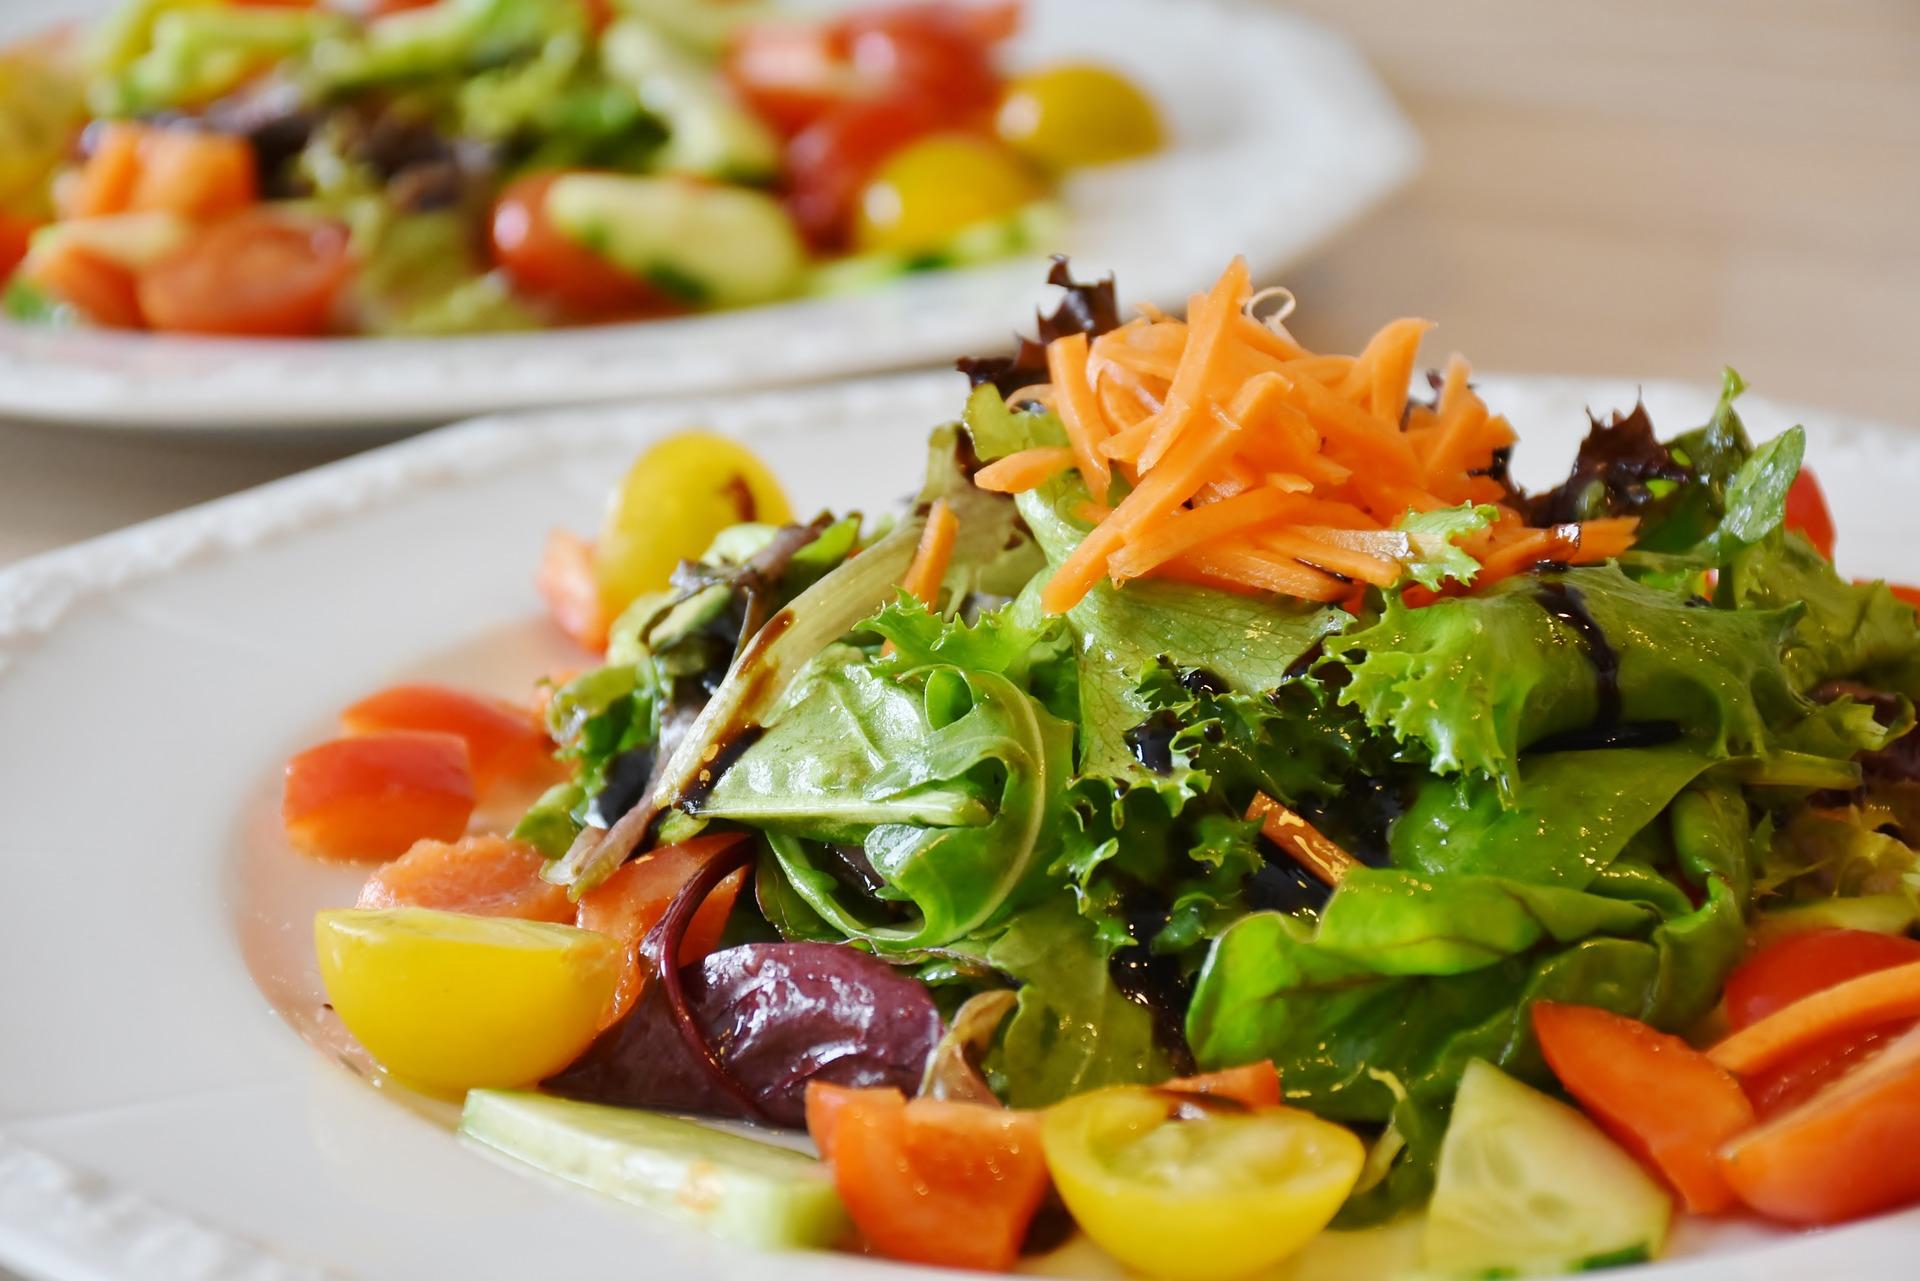 insalata per contrastare il colesterolo su piatto bianco